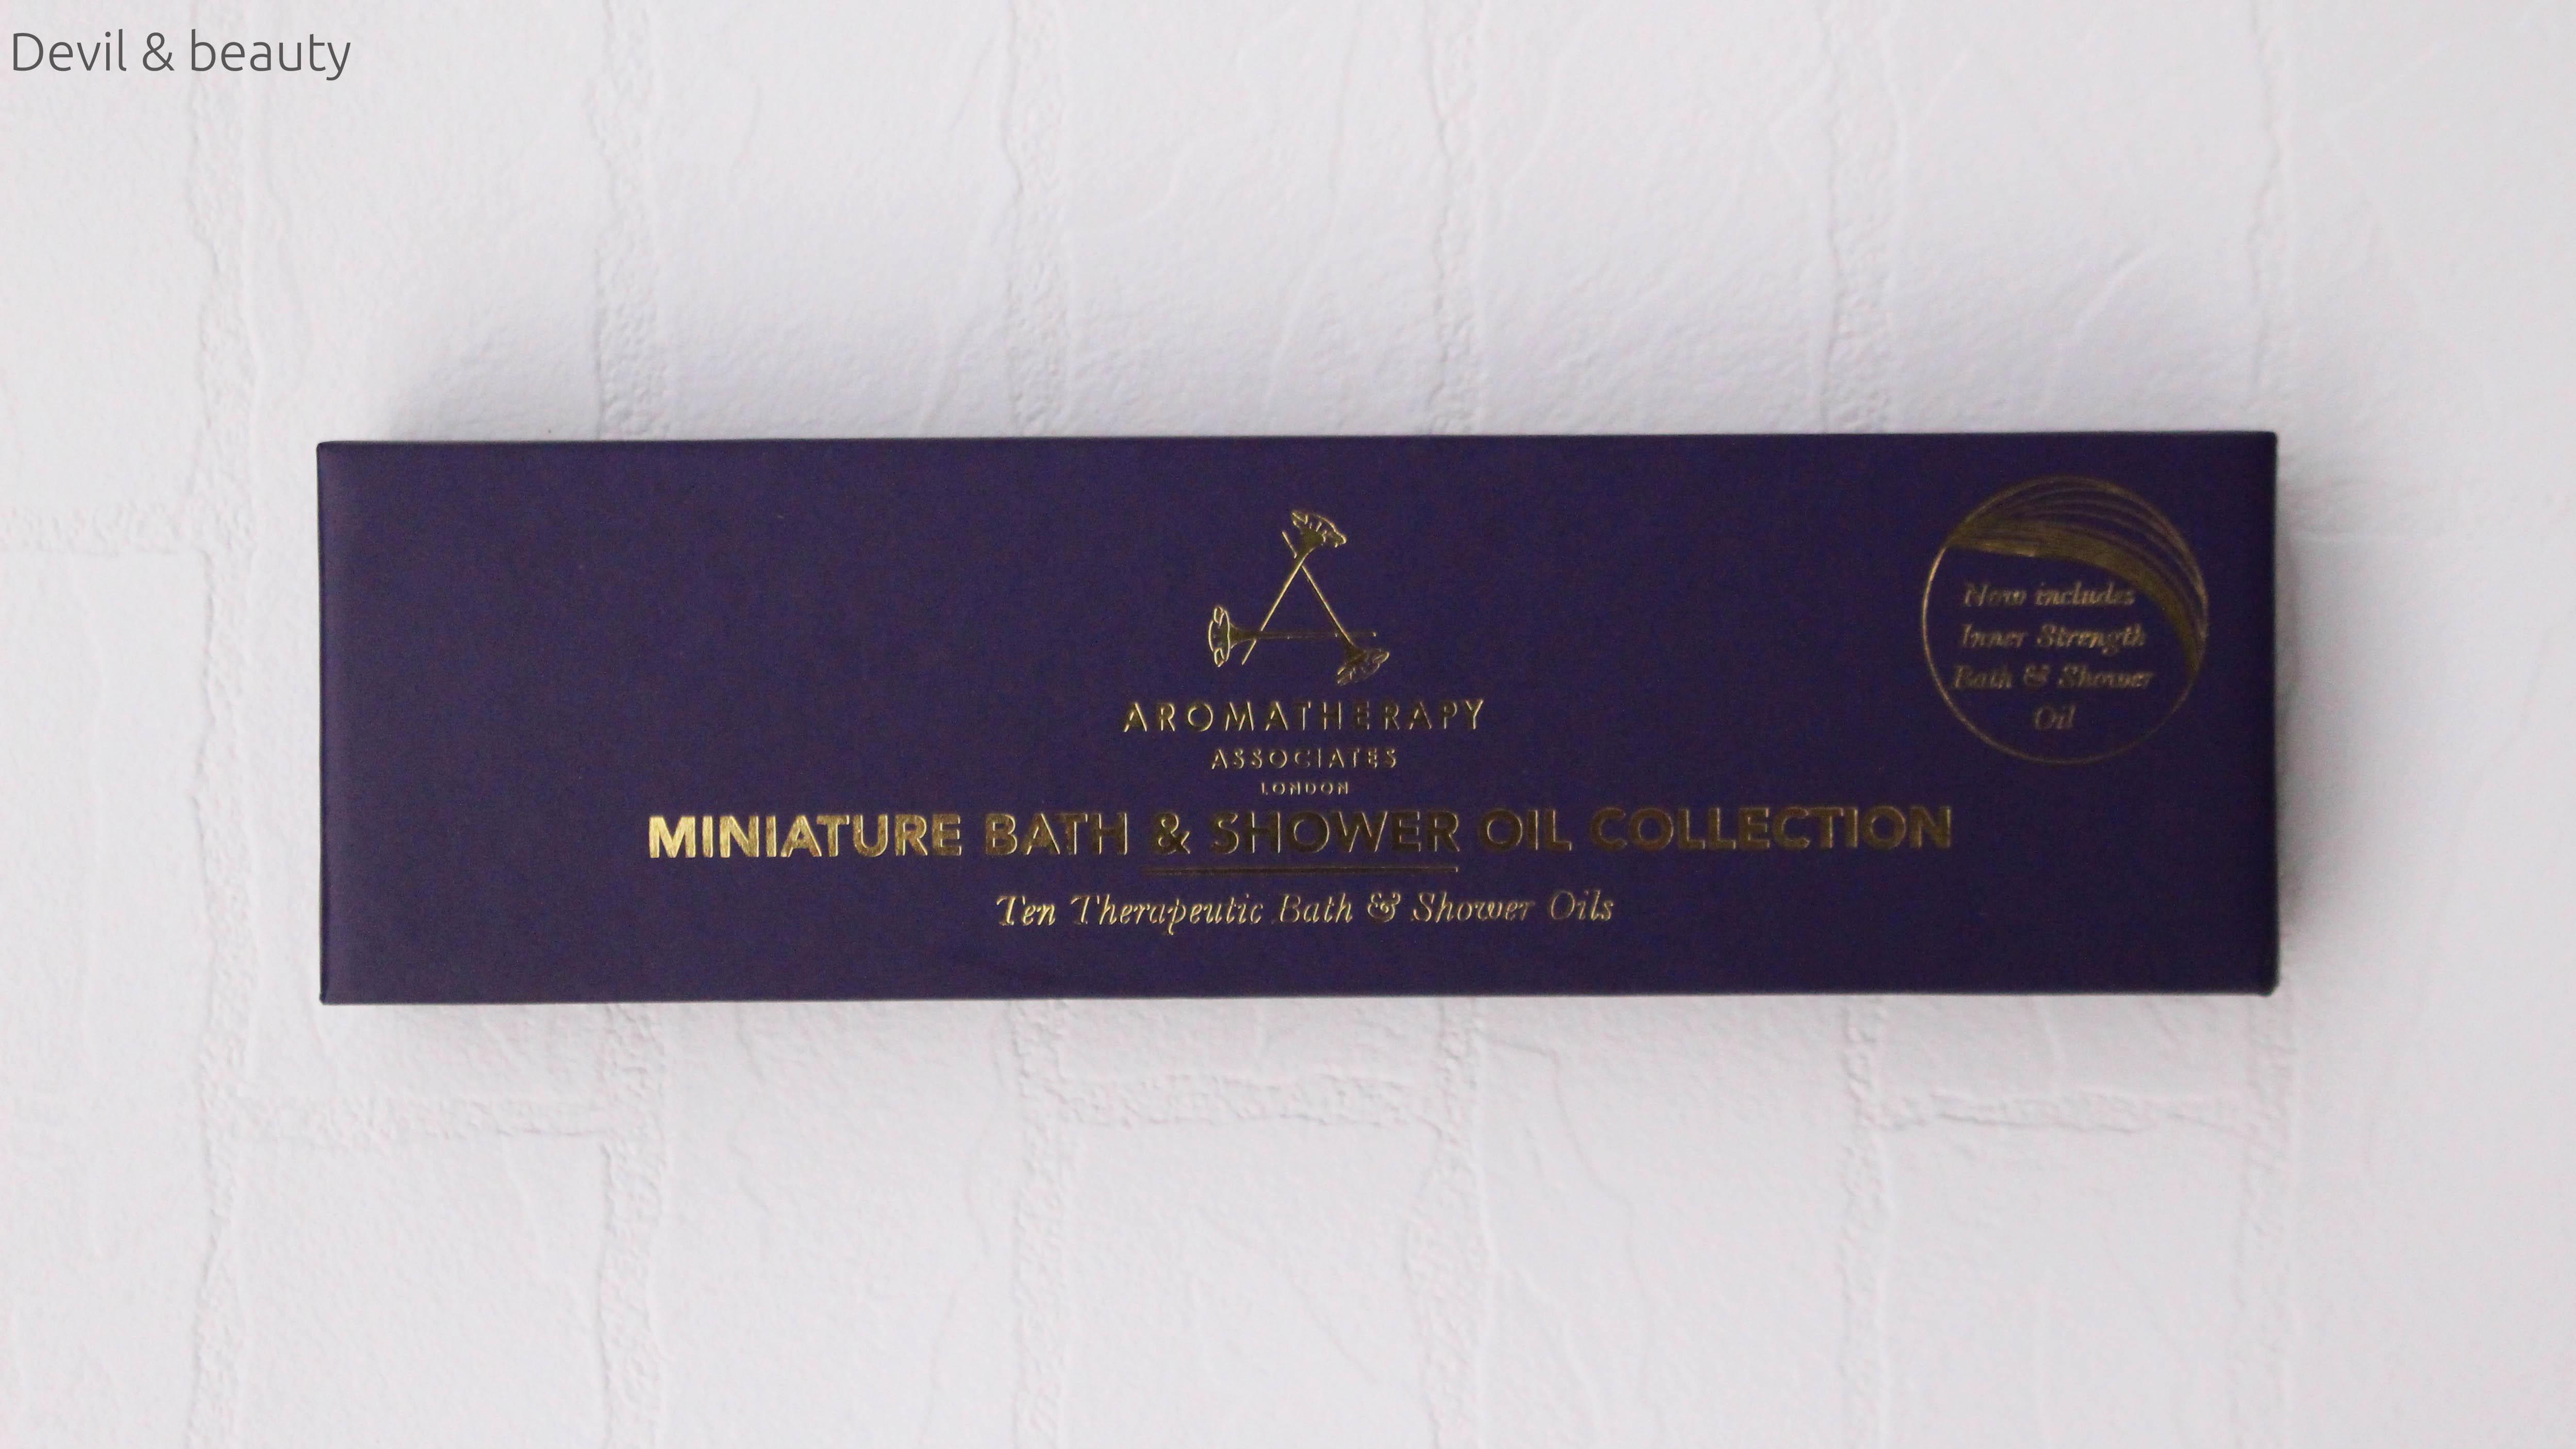 aromatherapy-associates-mini7 - image